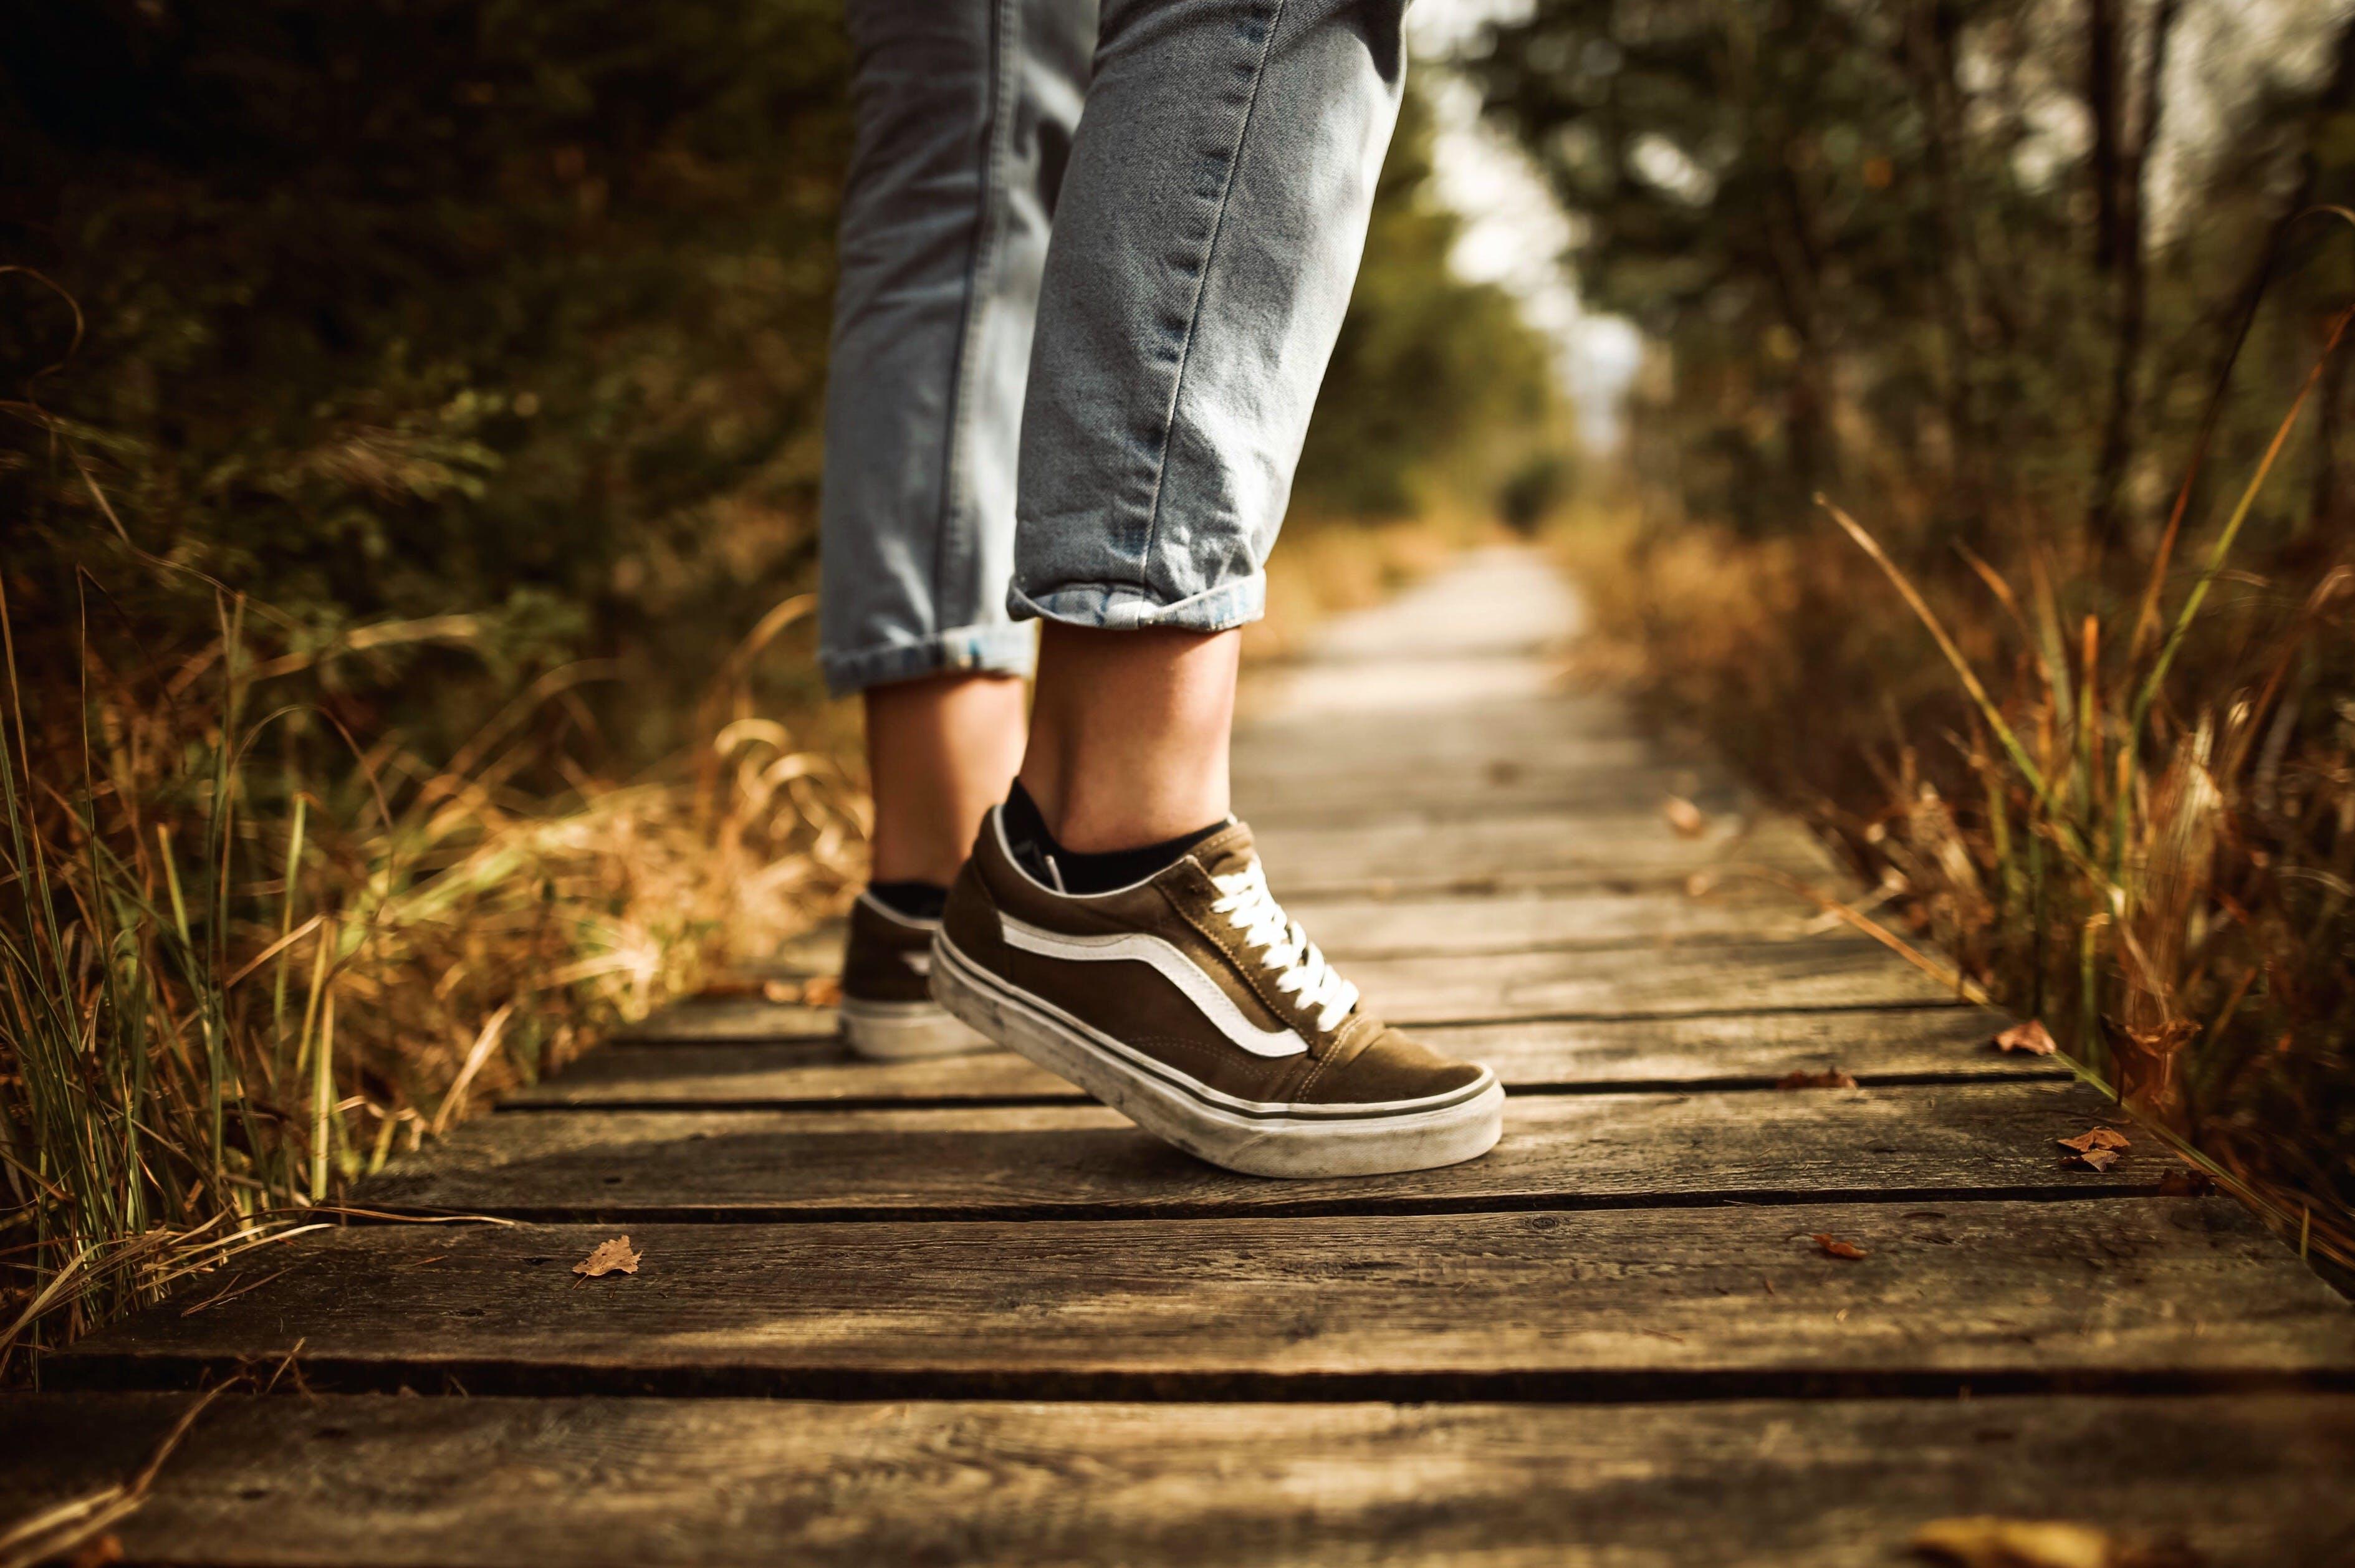 fashion, footwear, grass